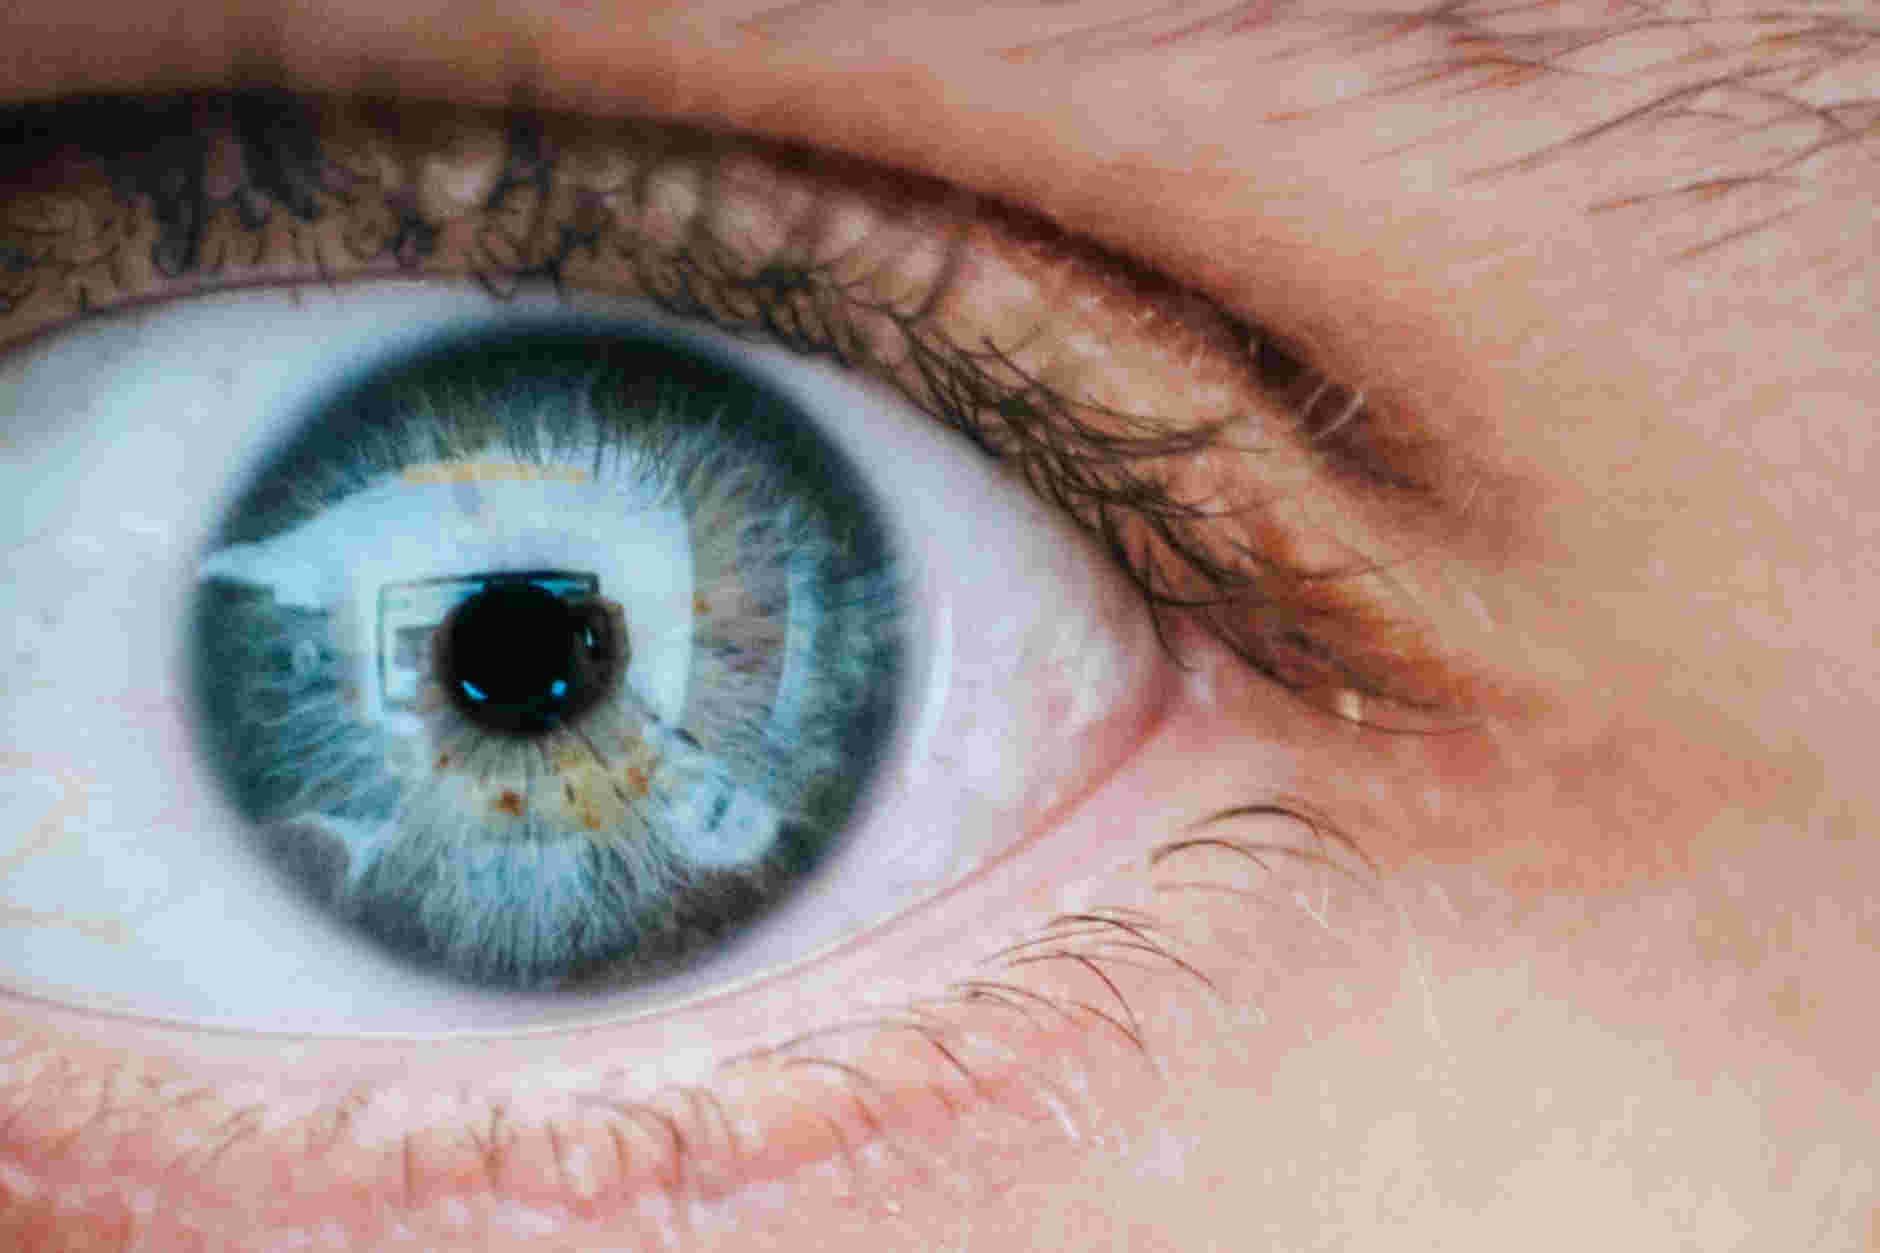 Nuevos detalles sobre la visión humana revelados gracias al uso de IA y un motor de gráficos